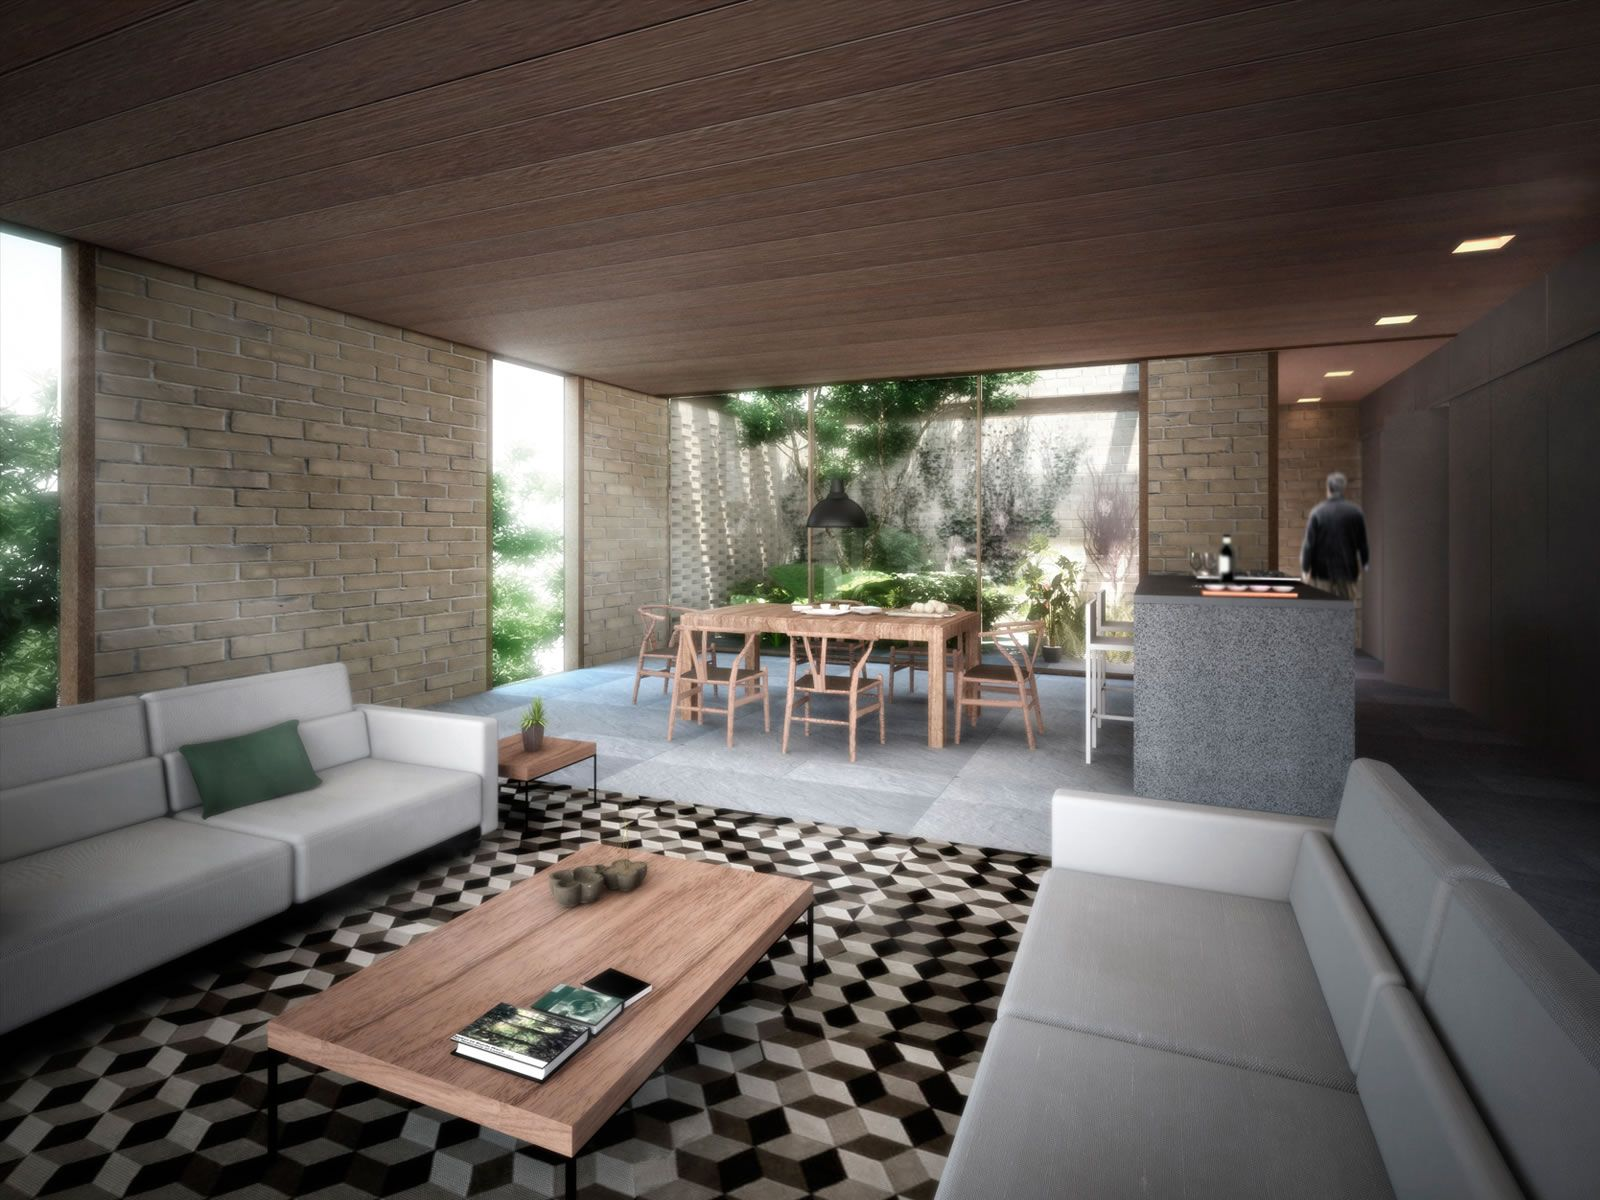 Viviendas Mendoza Mac As Peredo Arquitectos V Housing  # Muebles Gutierrez Cortes De La Frontera